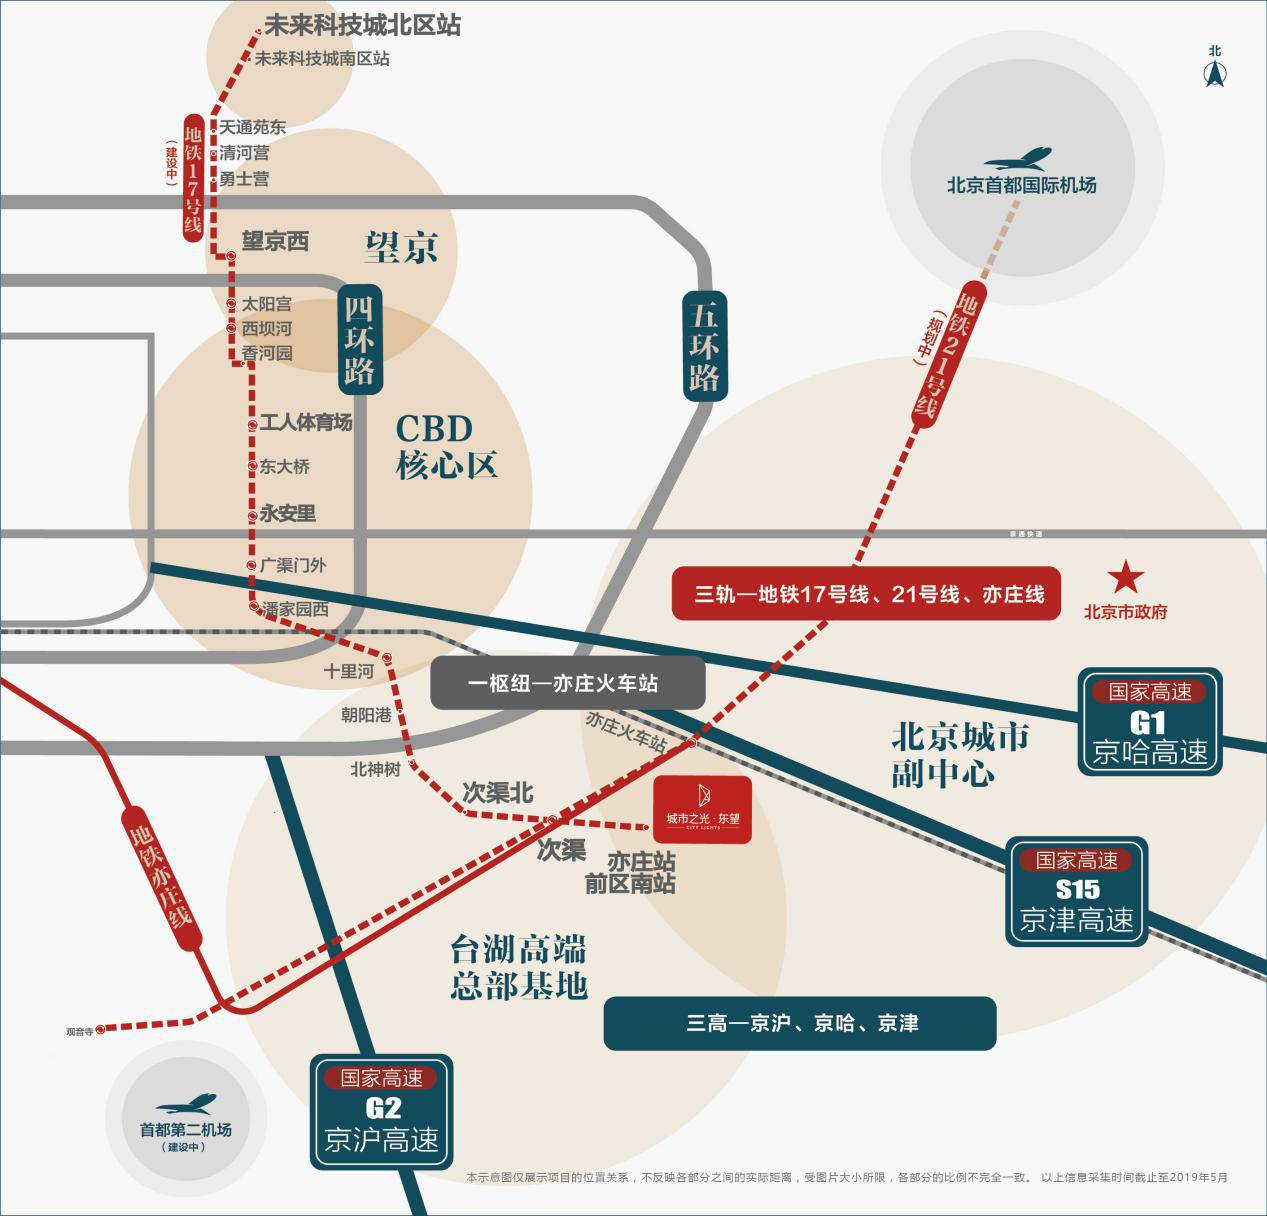 昌平gdp_北京 十一五 期间万元GDP能耗降两成